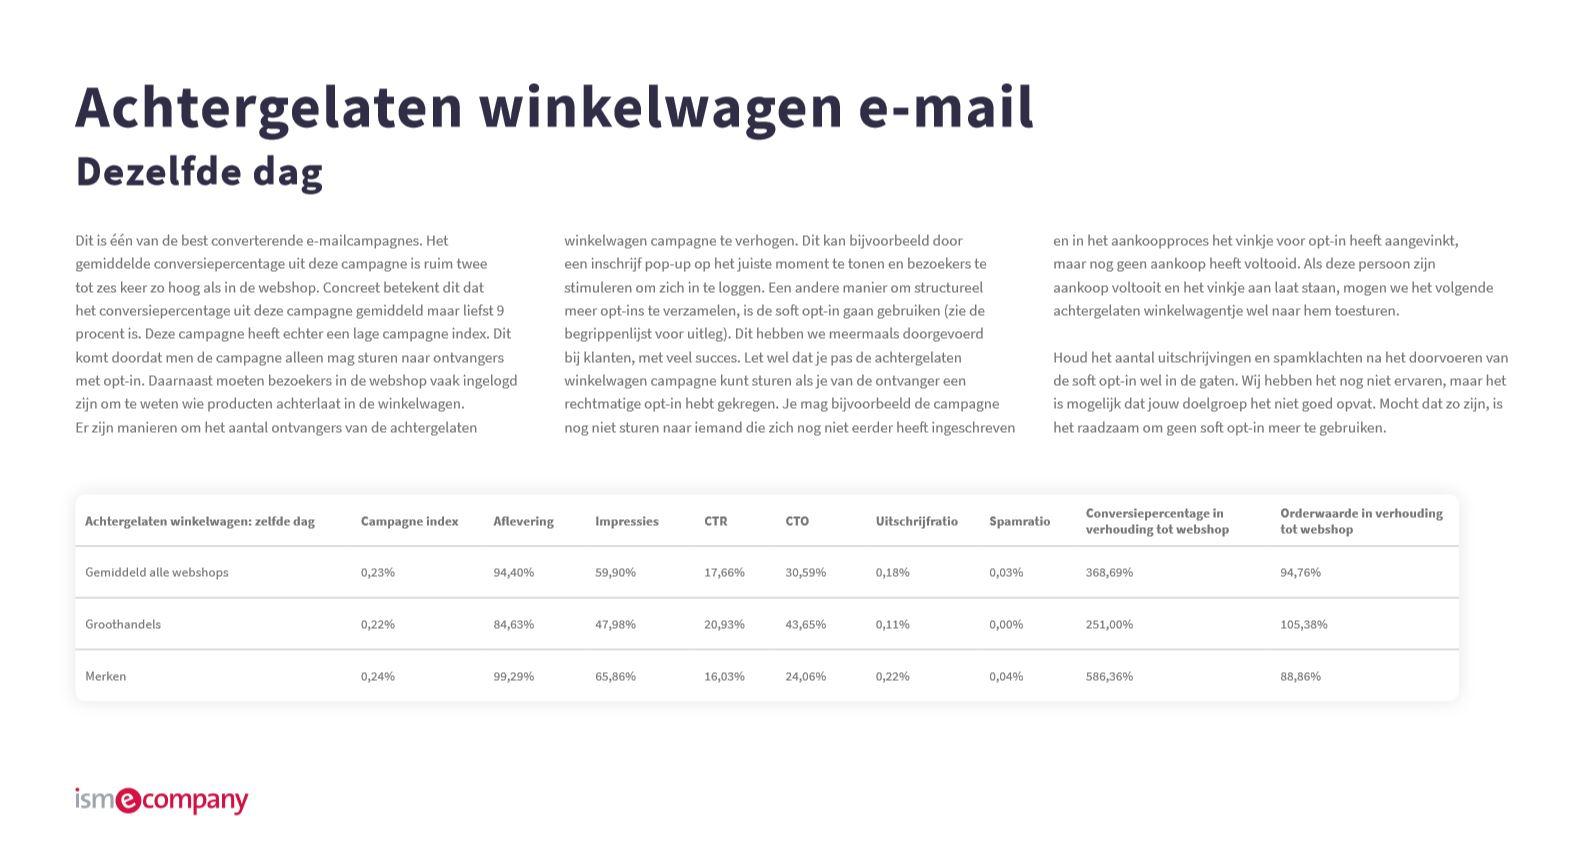 Preview e-mailmarketingbenchmark